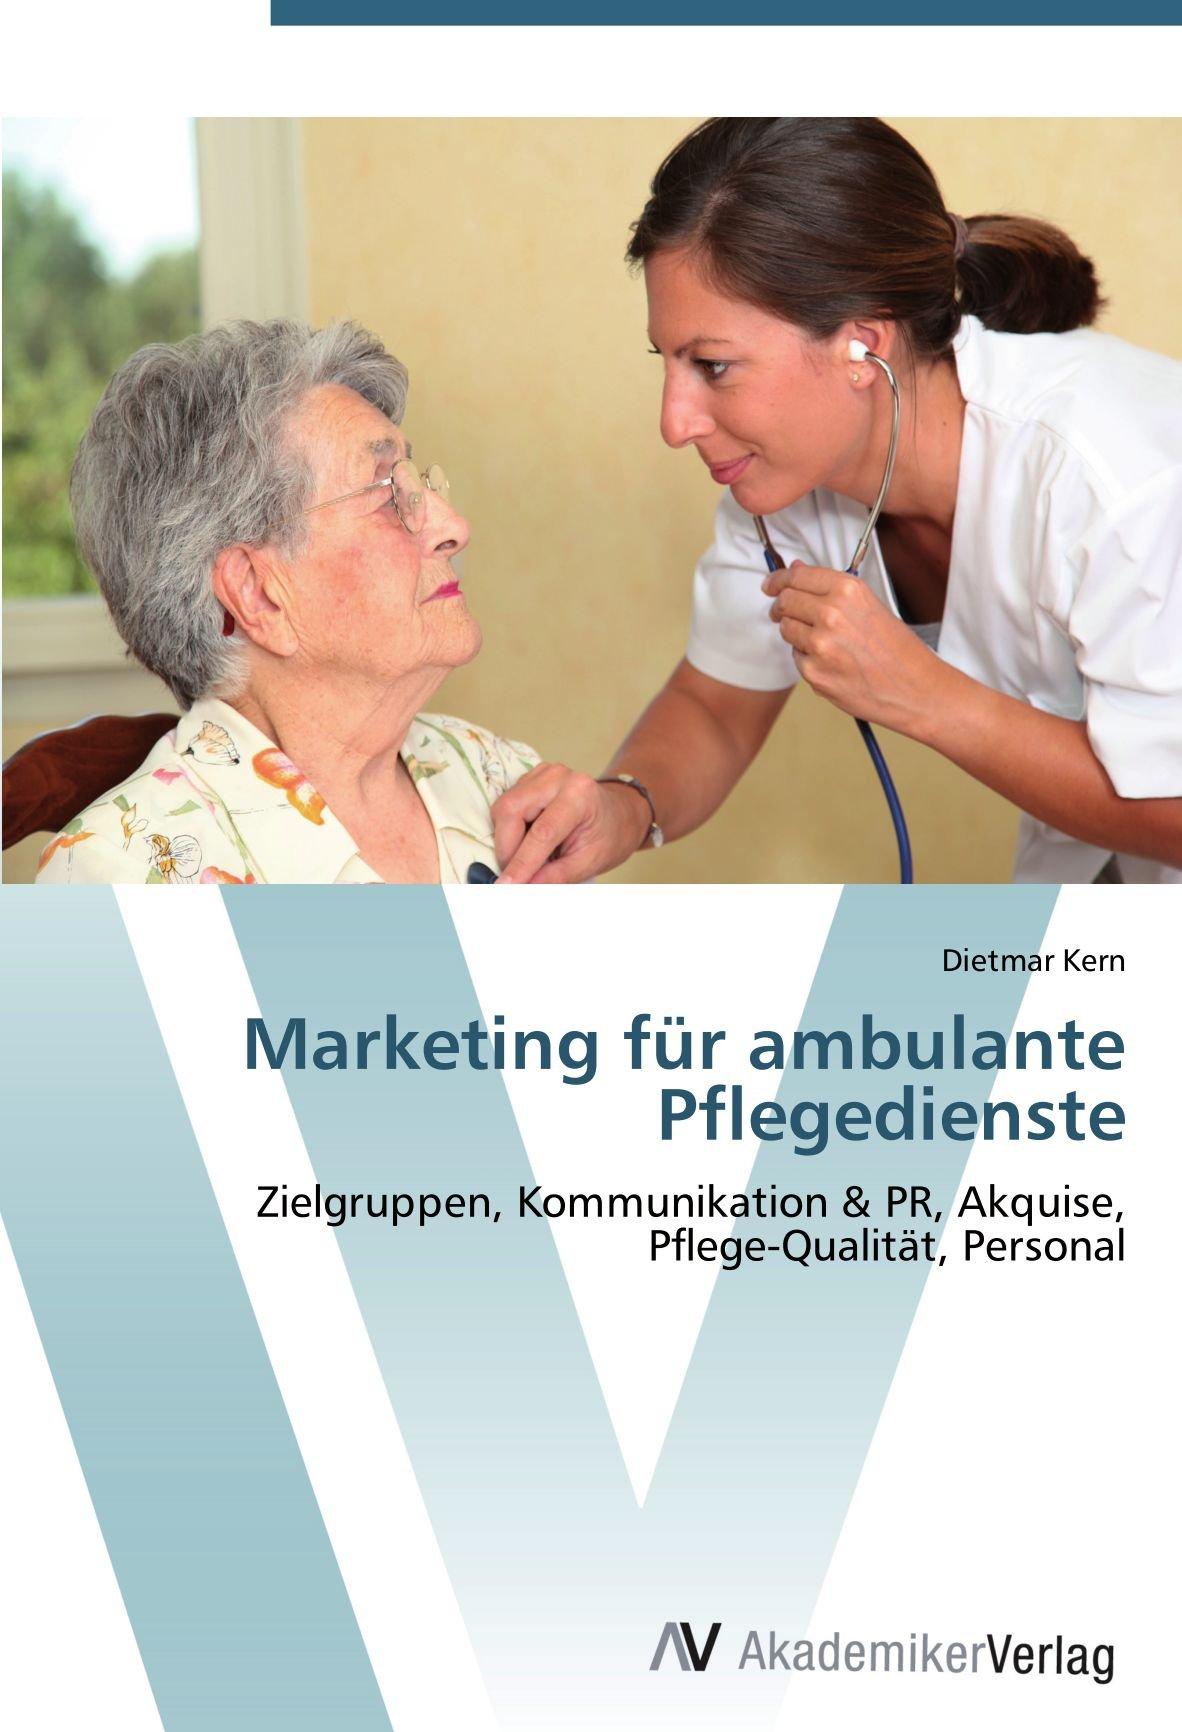 Download Marketing für ambulante Pflegedienste: Zielgruppen, Kommunikation & PR, Akquise,  Pflege-Qualität, Personal (German Edition) ebook